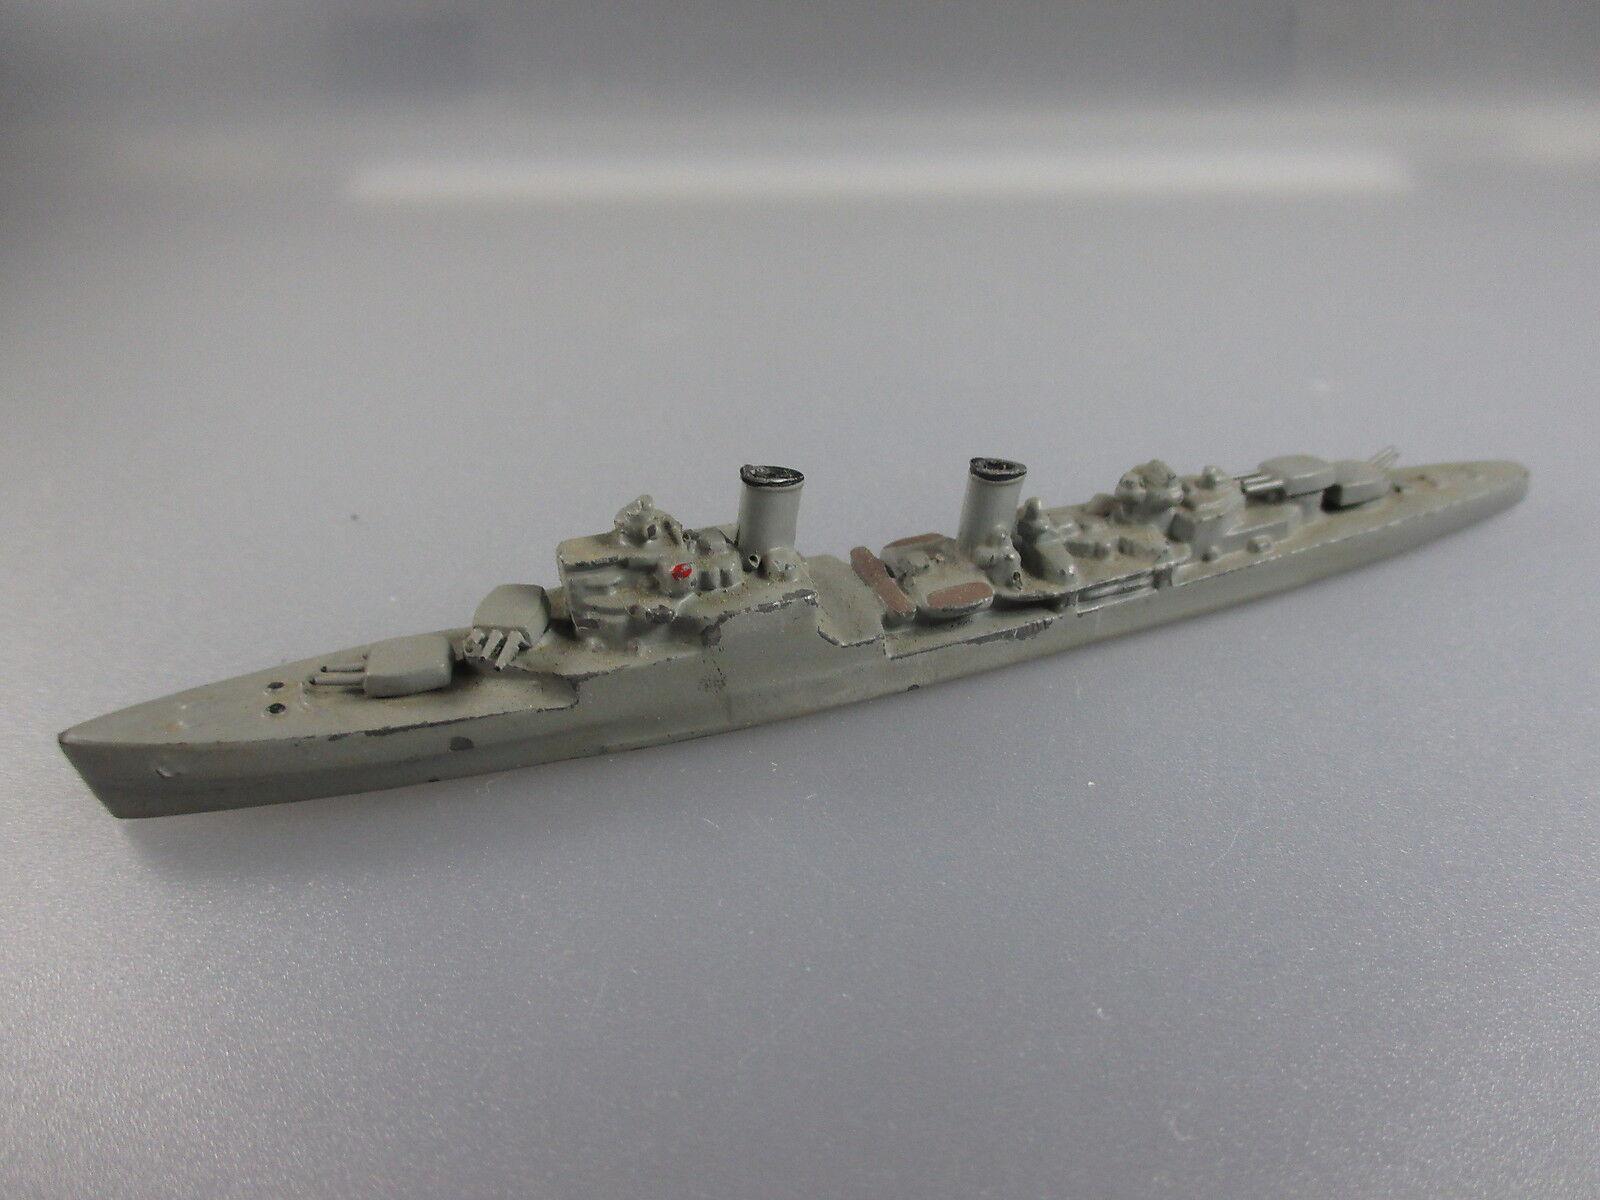 Wiking Wiking Wiking  modelo de barco del southhampton-class de gb (nº 22 k26) 568021